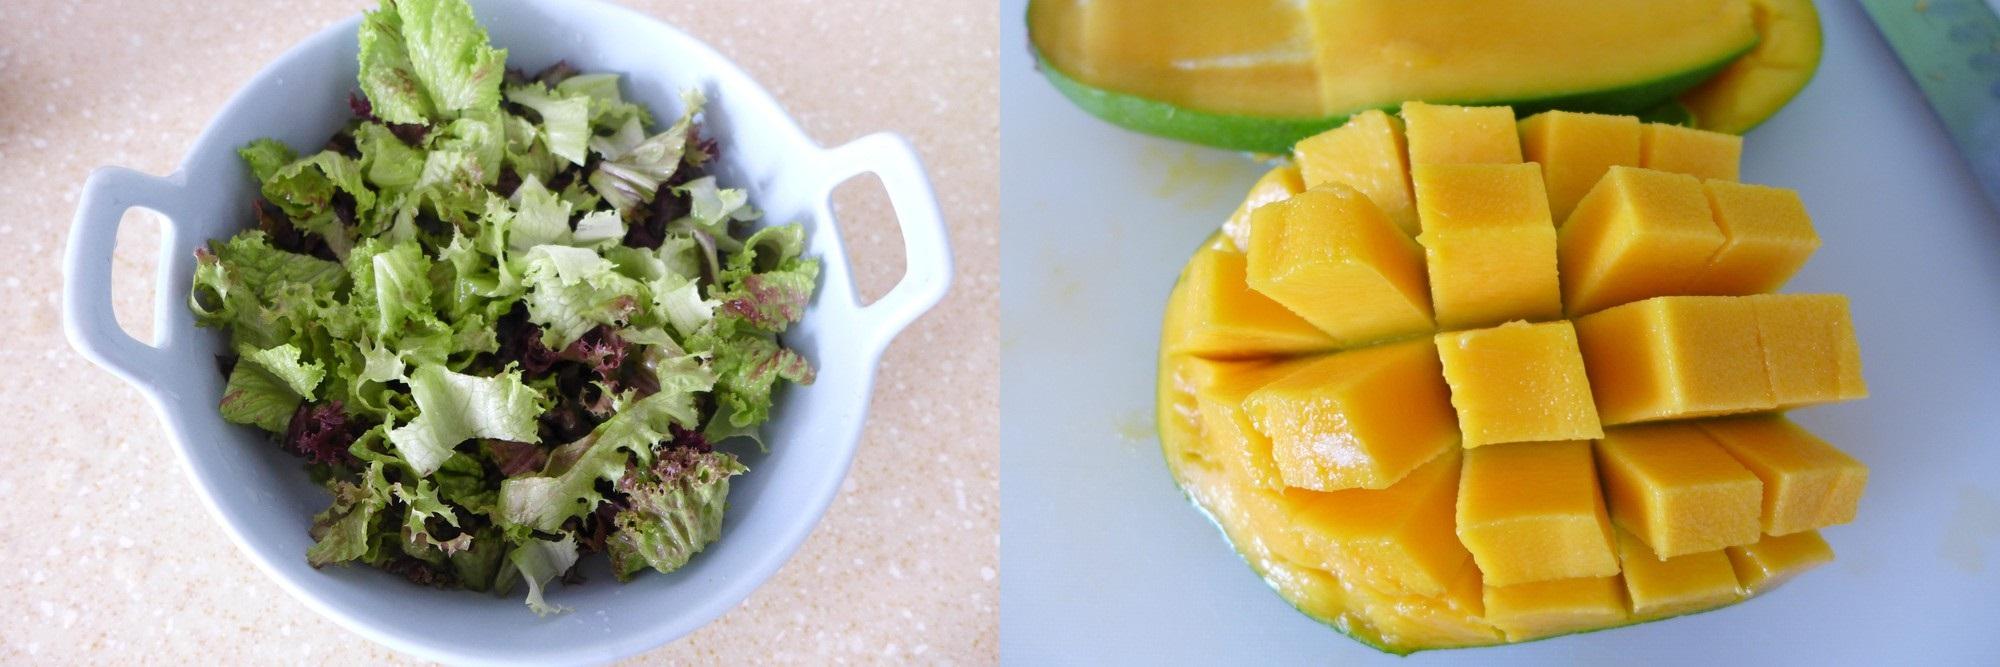 Có món salad siêu ngon tôi ăn mãi không chán, 7 ngày đã giảm 3cm vòng eo! - Ảnh 2